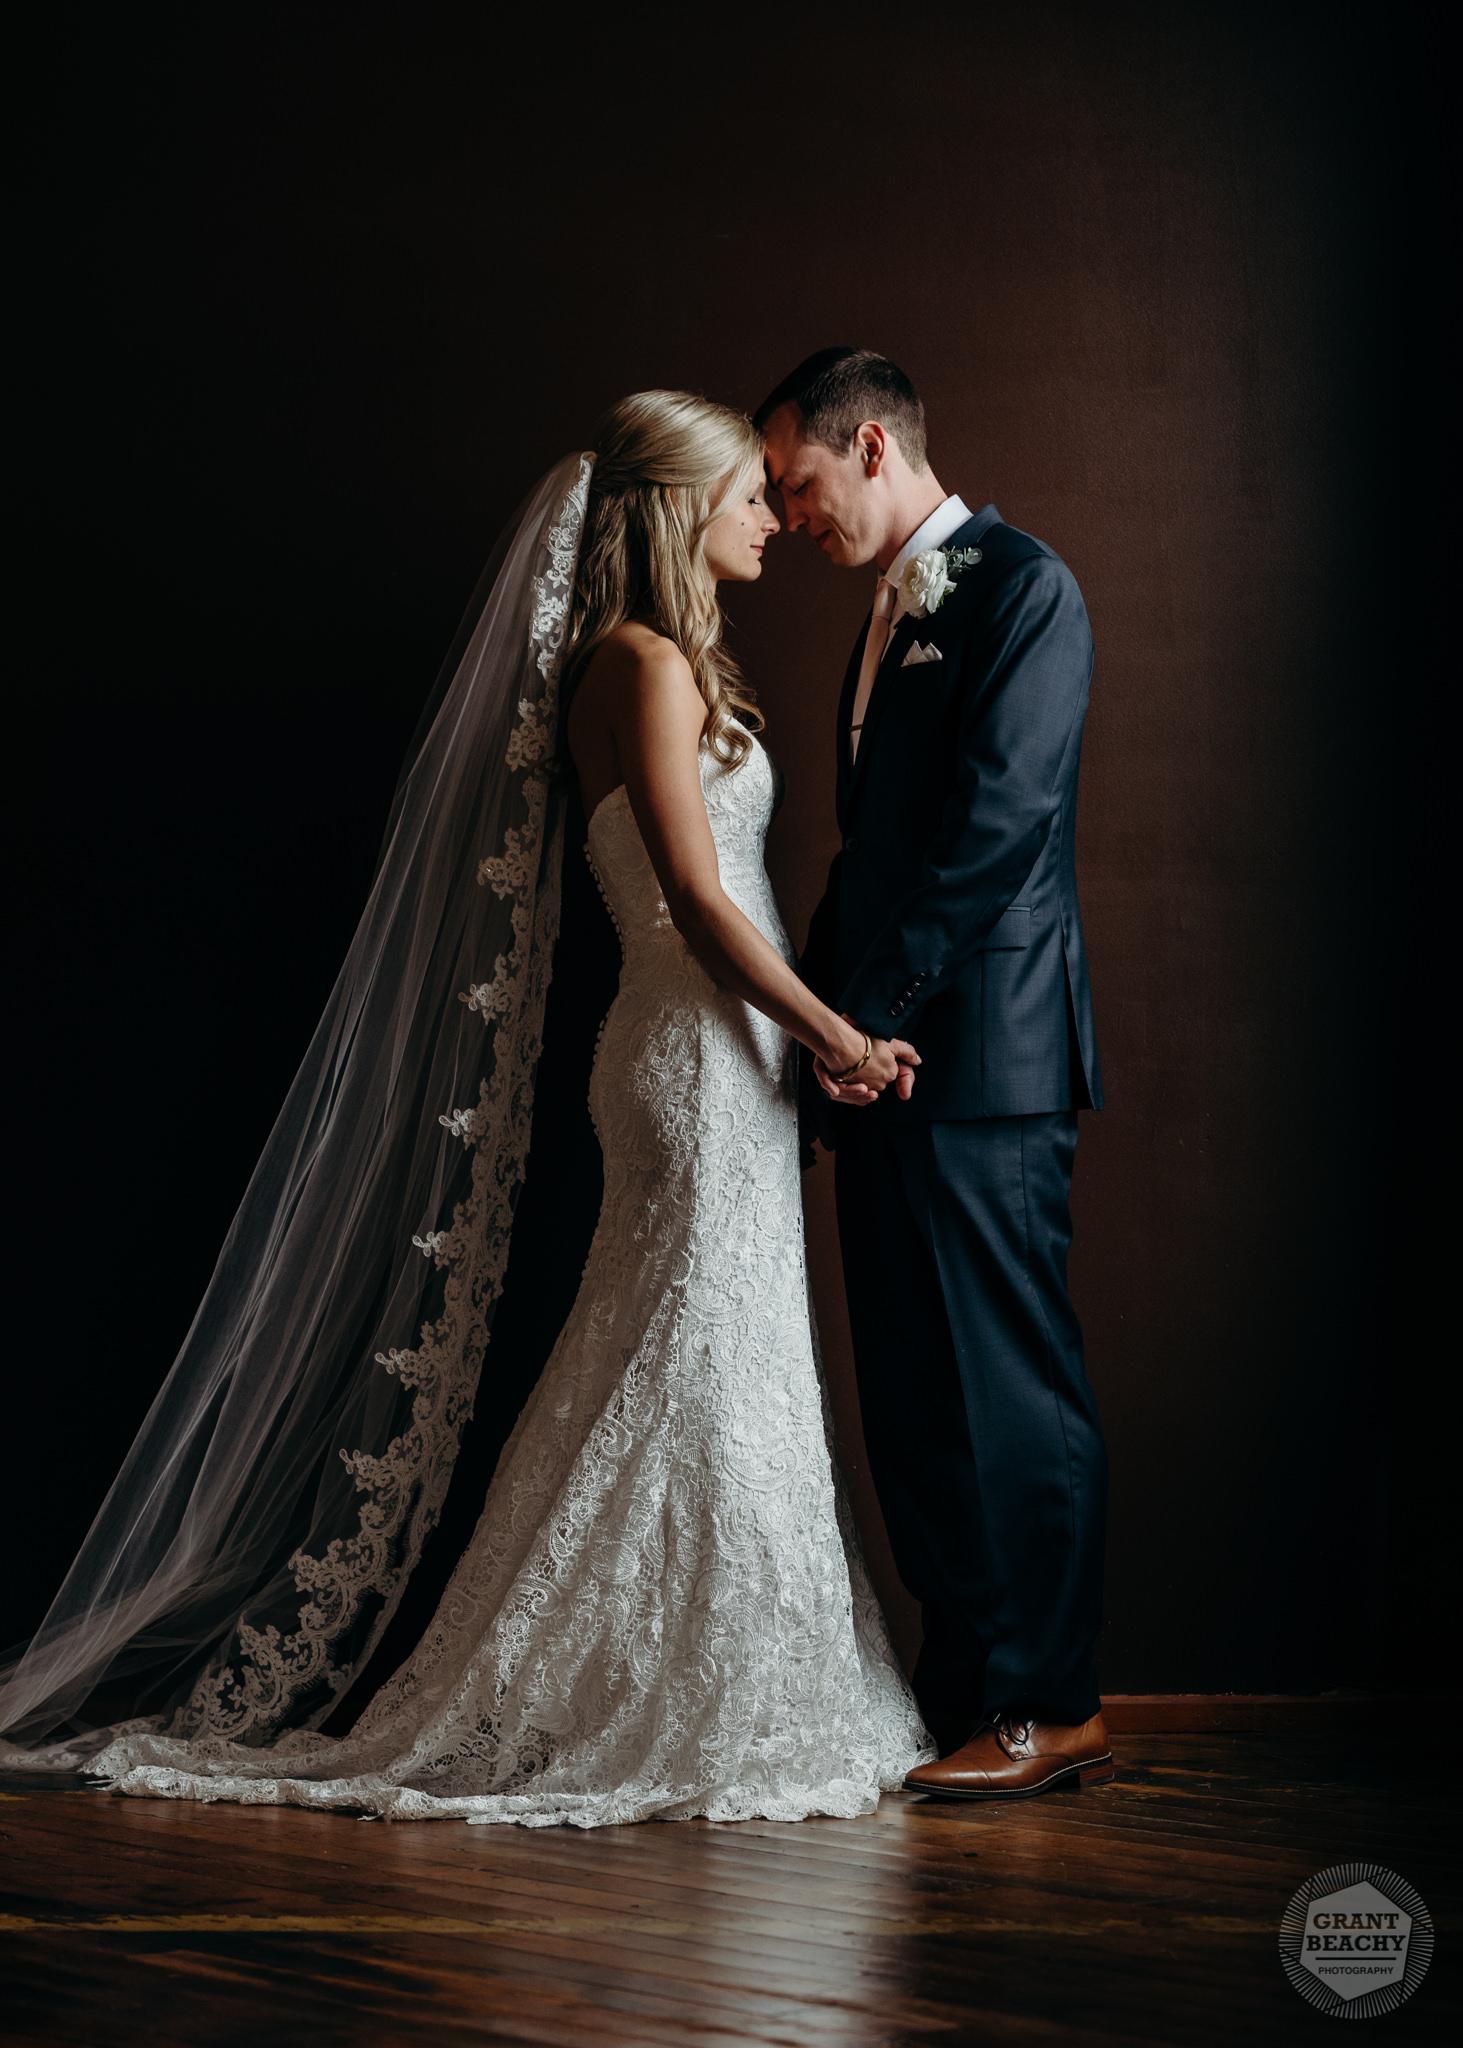 Best of Weddings 2017 Grant Beachy-00016.jpg